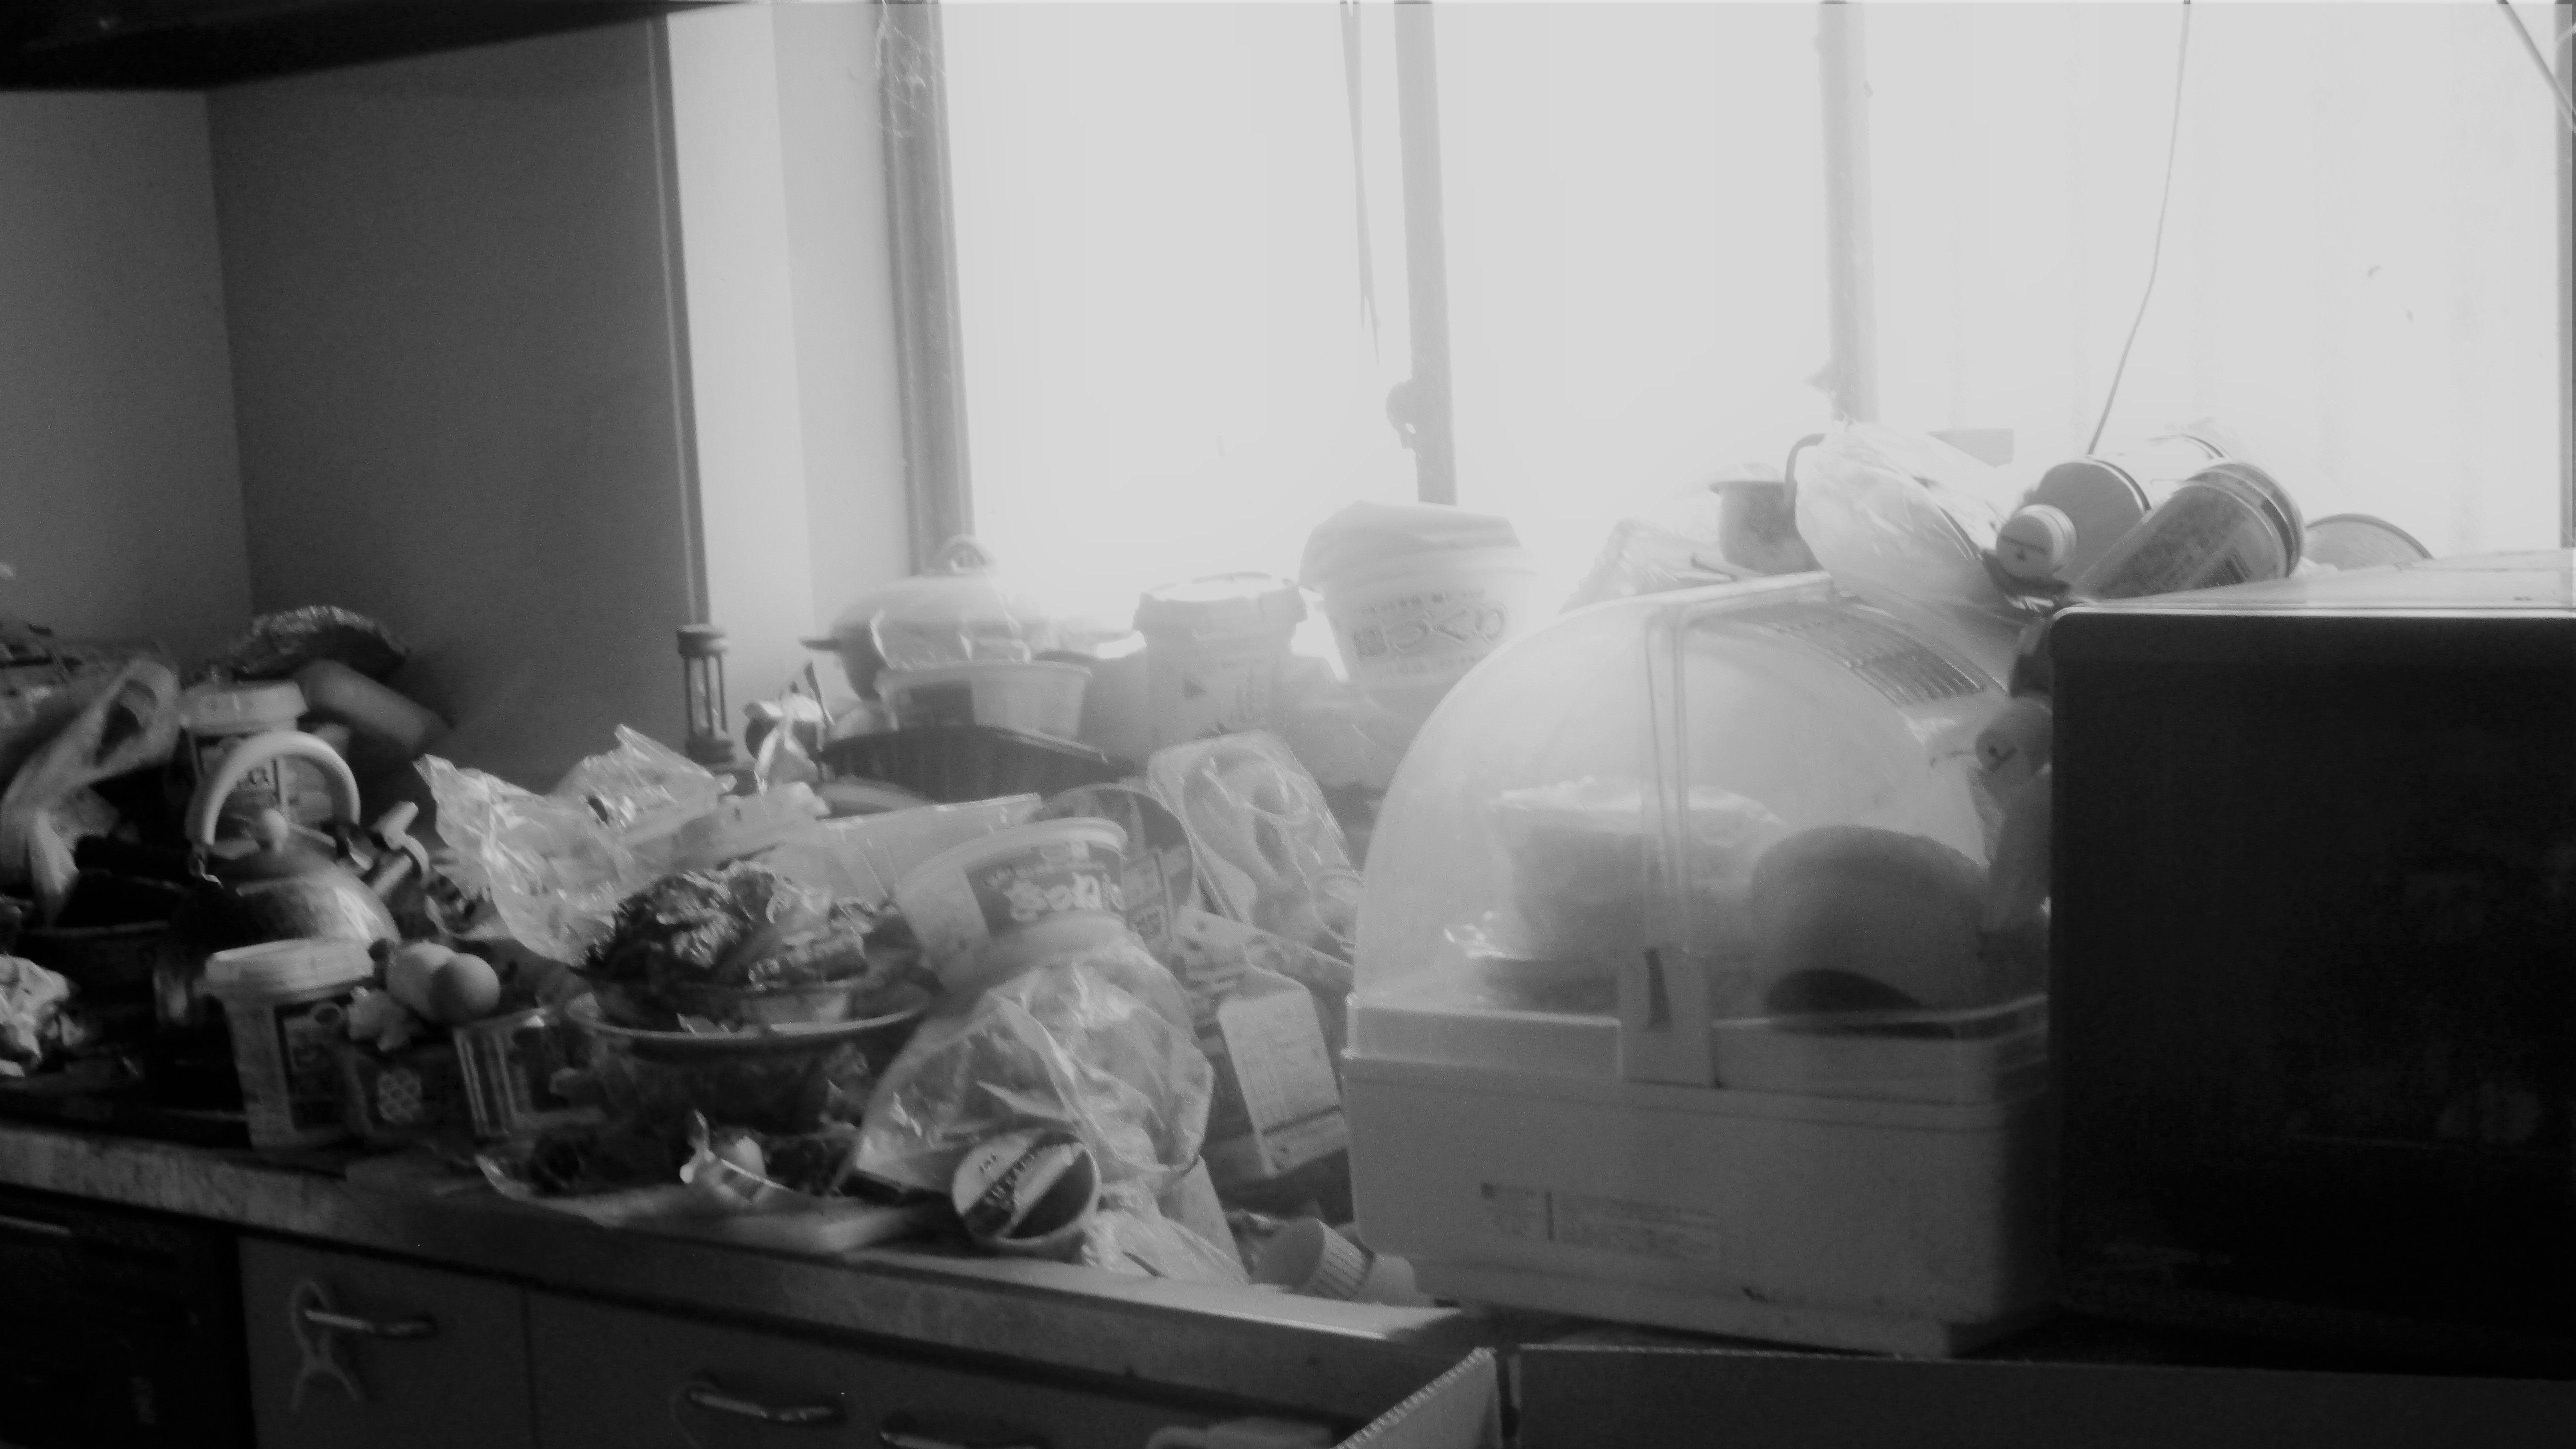 認知症になった一人暮らしの親族の家がゴミ屋敷に! 突然叫び声をあげた作業員が見たものとは